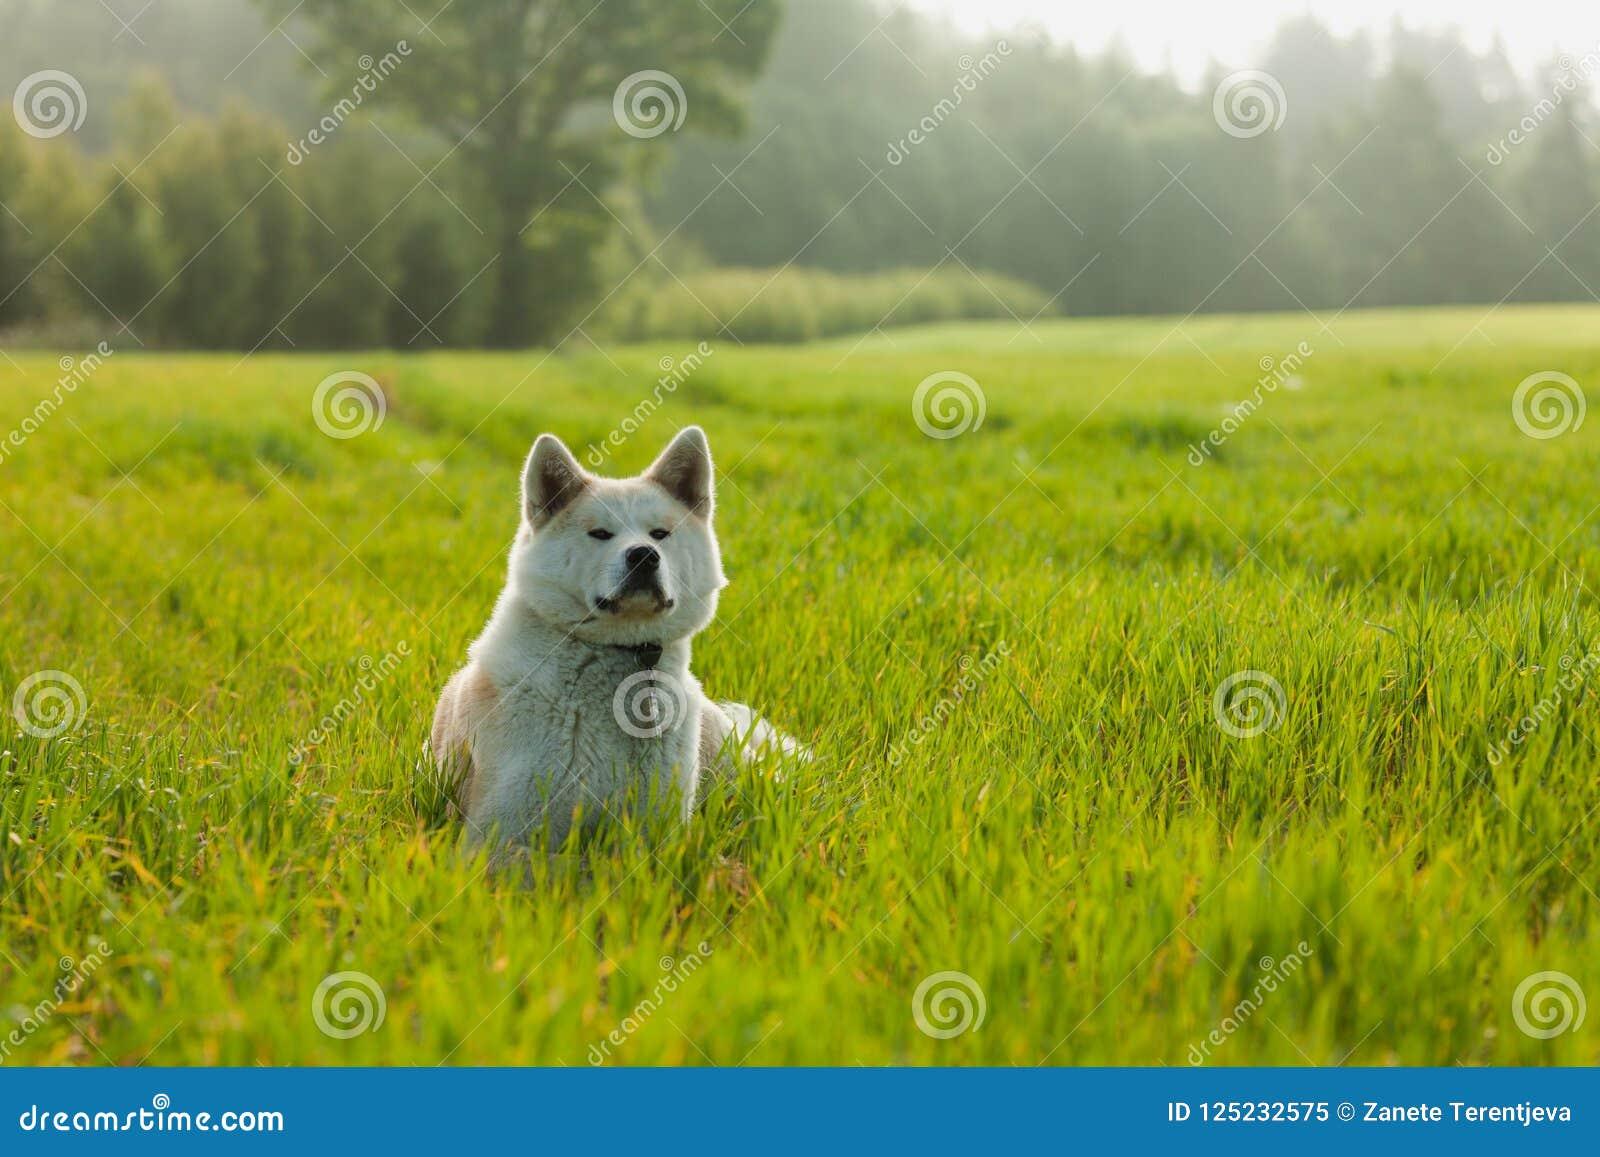 Portrait of Akita Inu in a green wheat field in summer